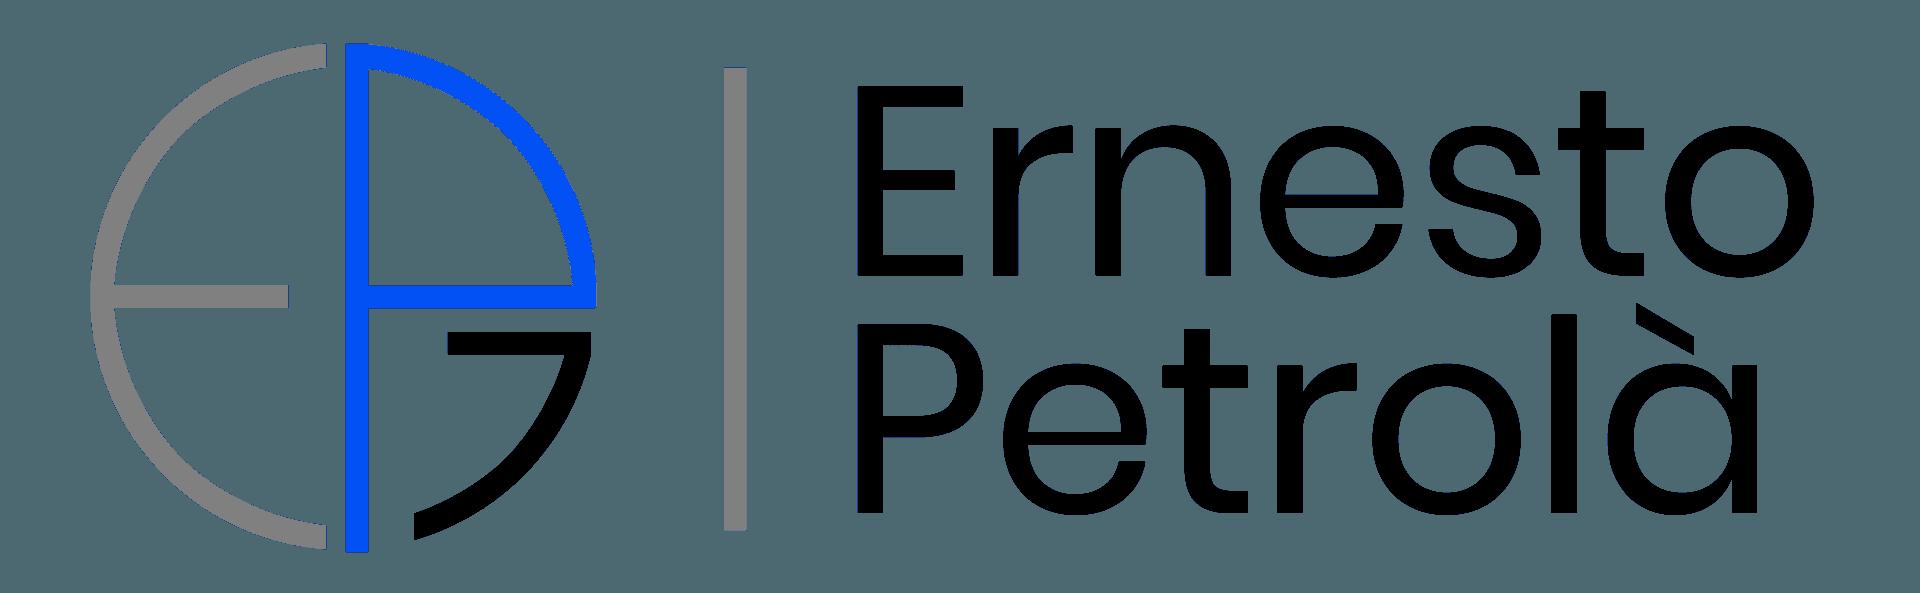 Petrolà - Detective privato a Roma Eur